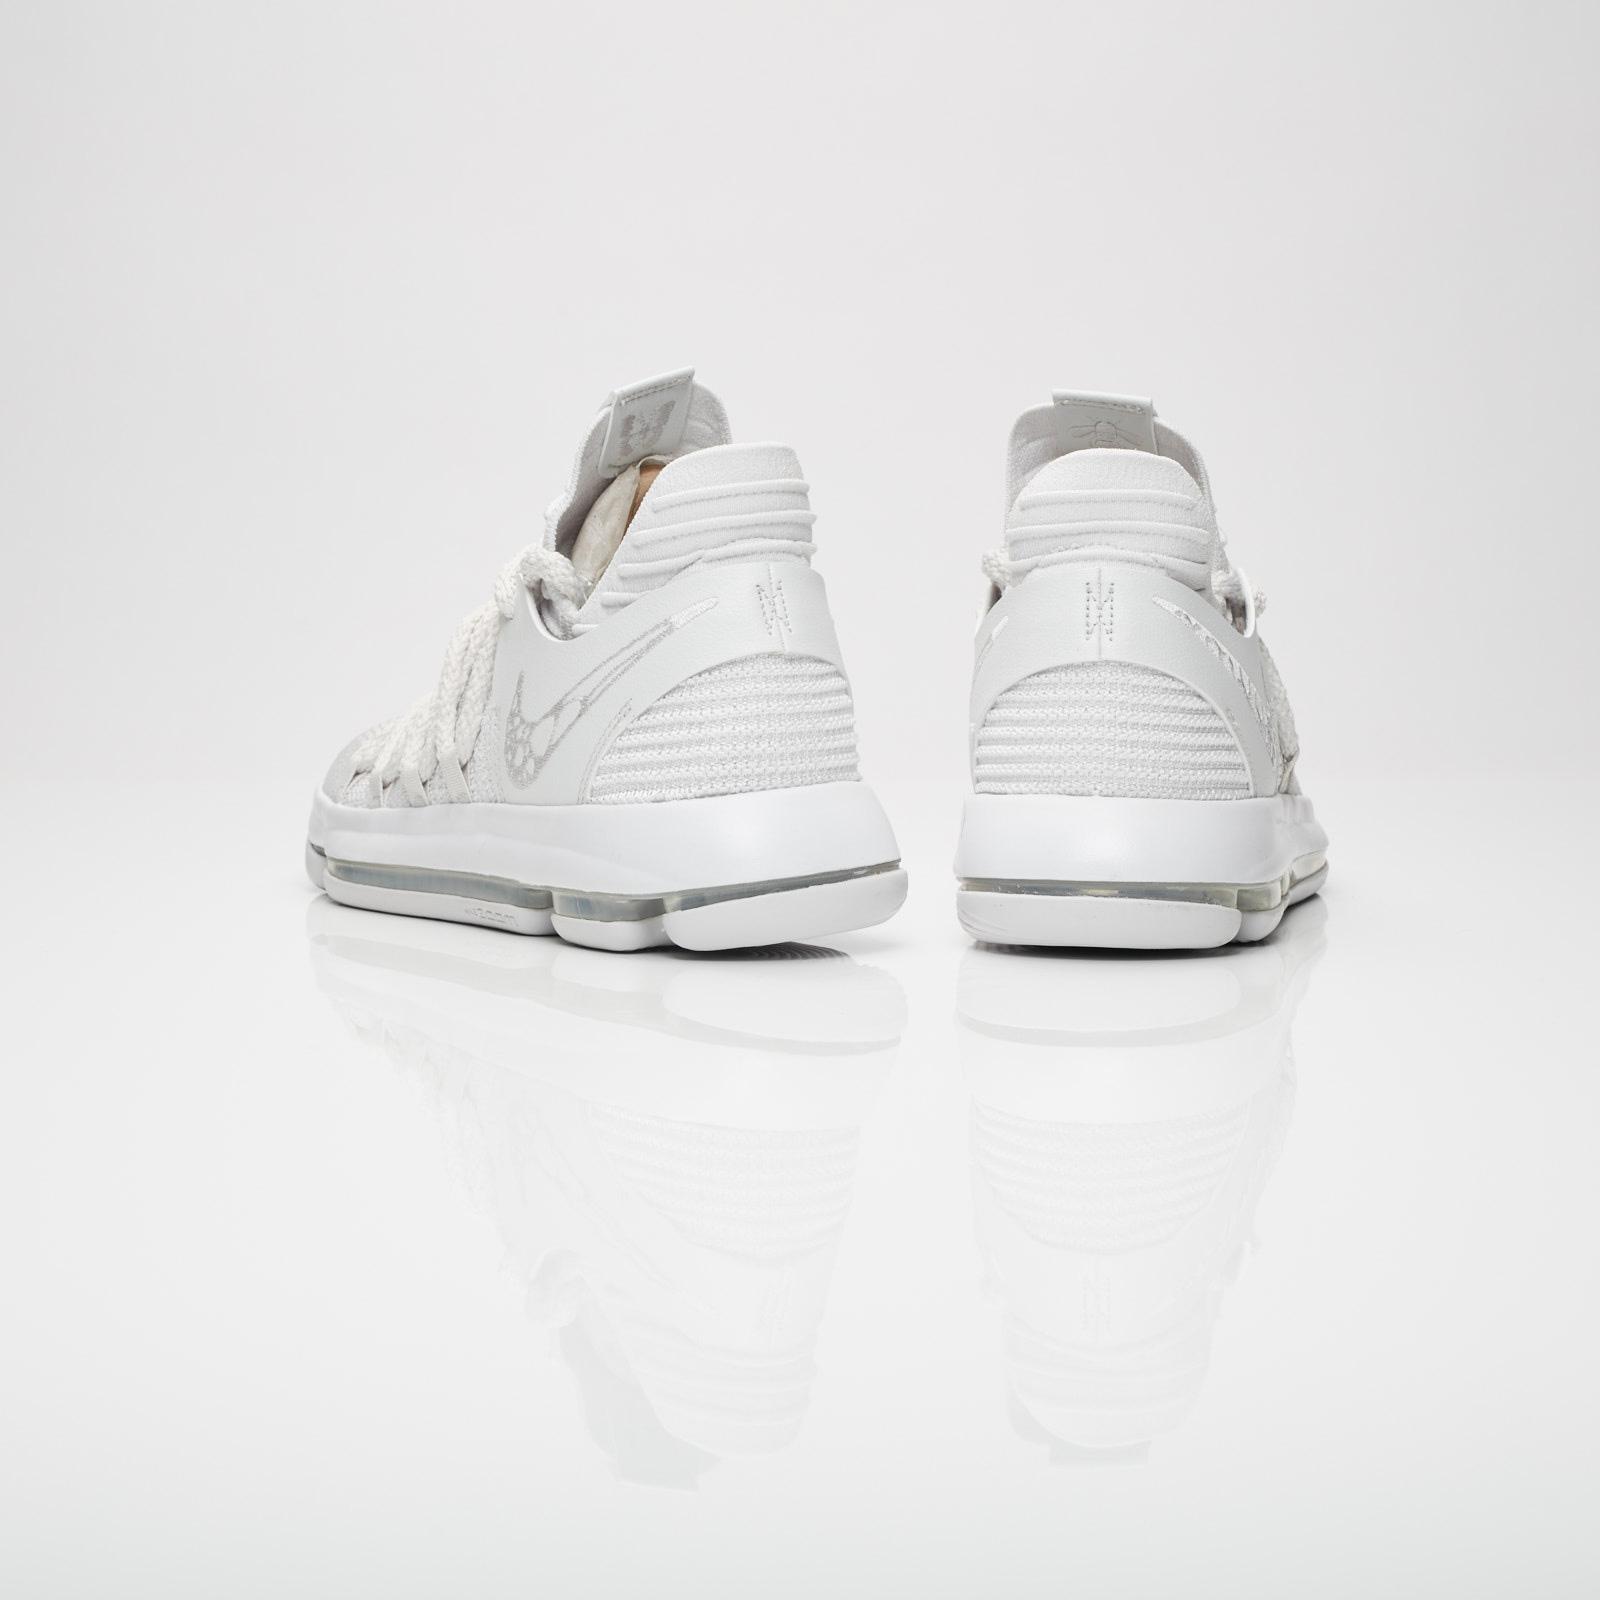 742ba2a4ded Nike Zoom KD10 - 897815-009 - Sneakersnstuff